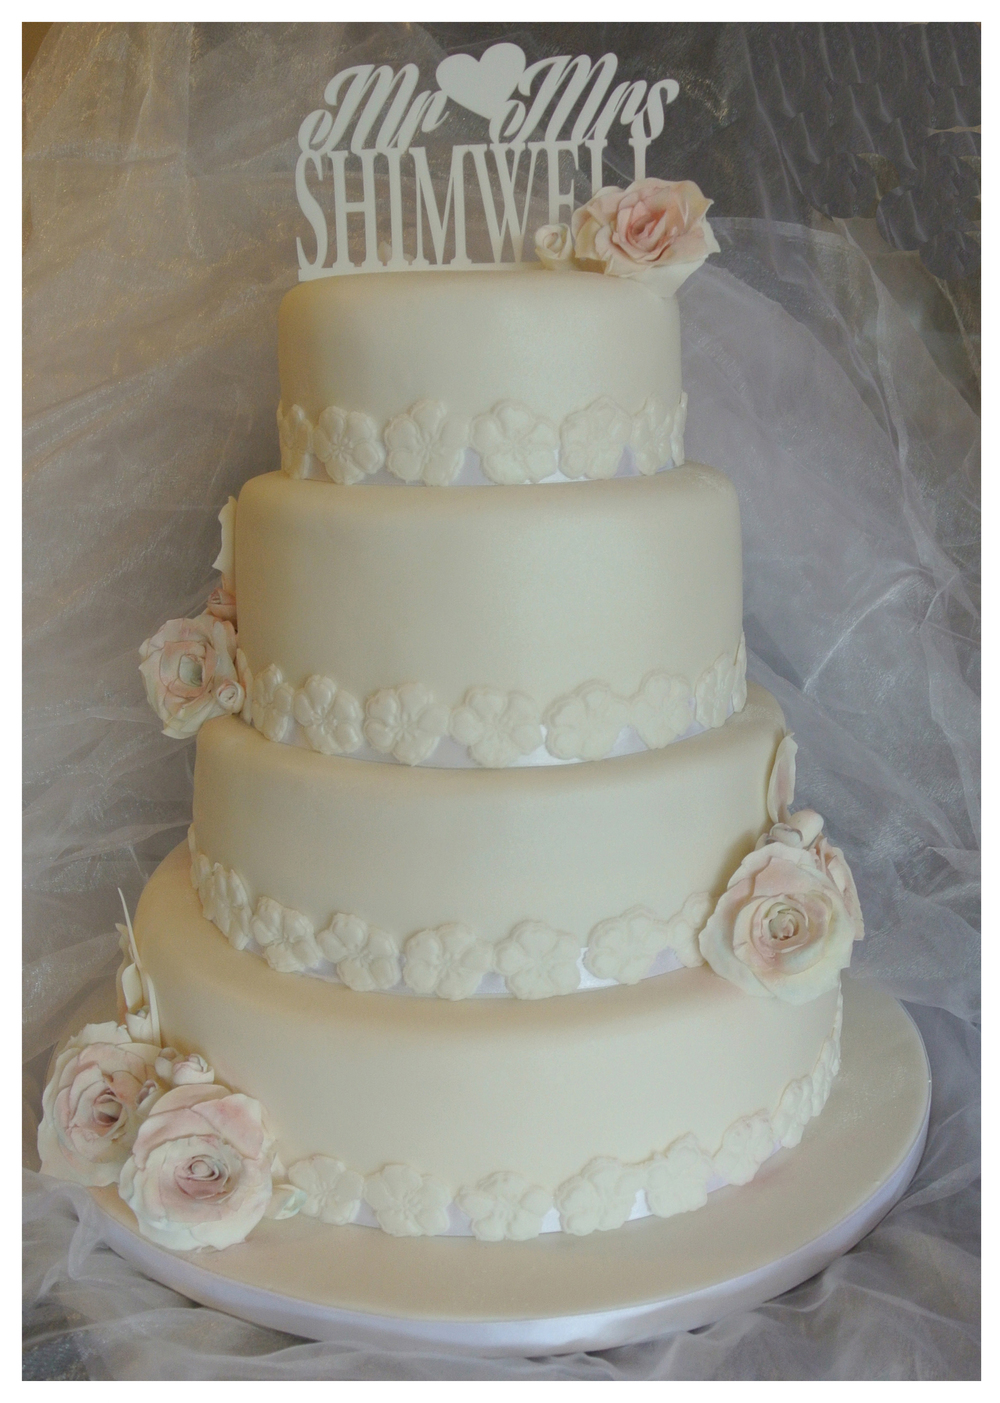 rose white wedding cake_website.jpg